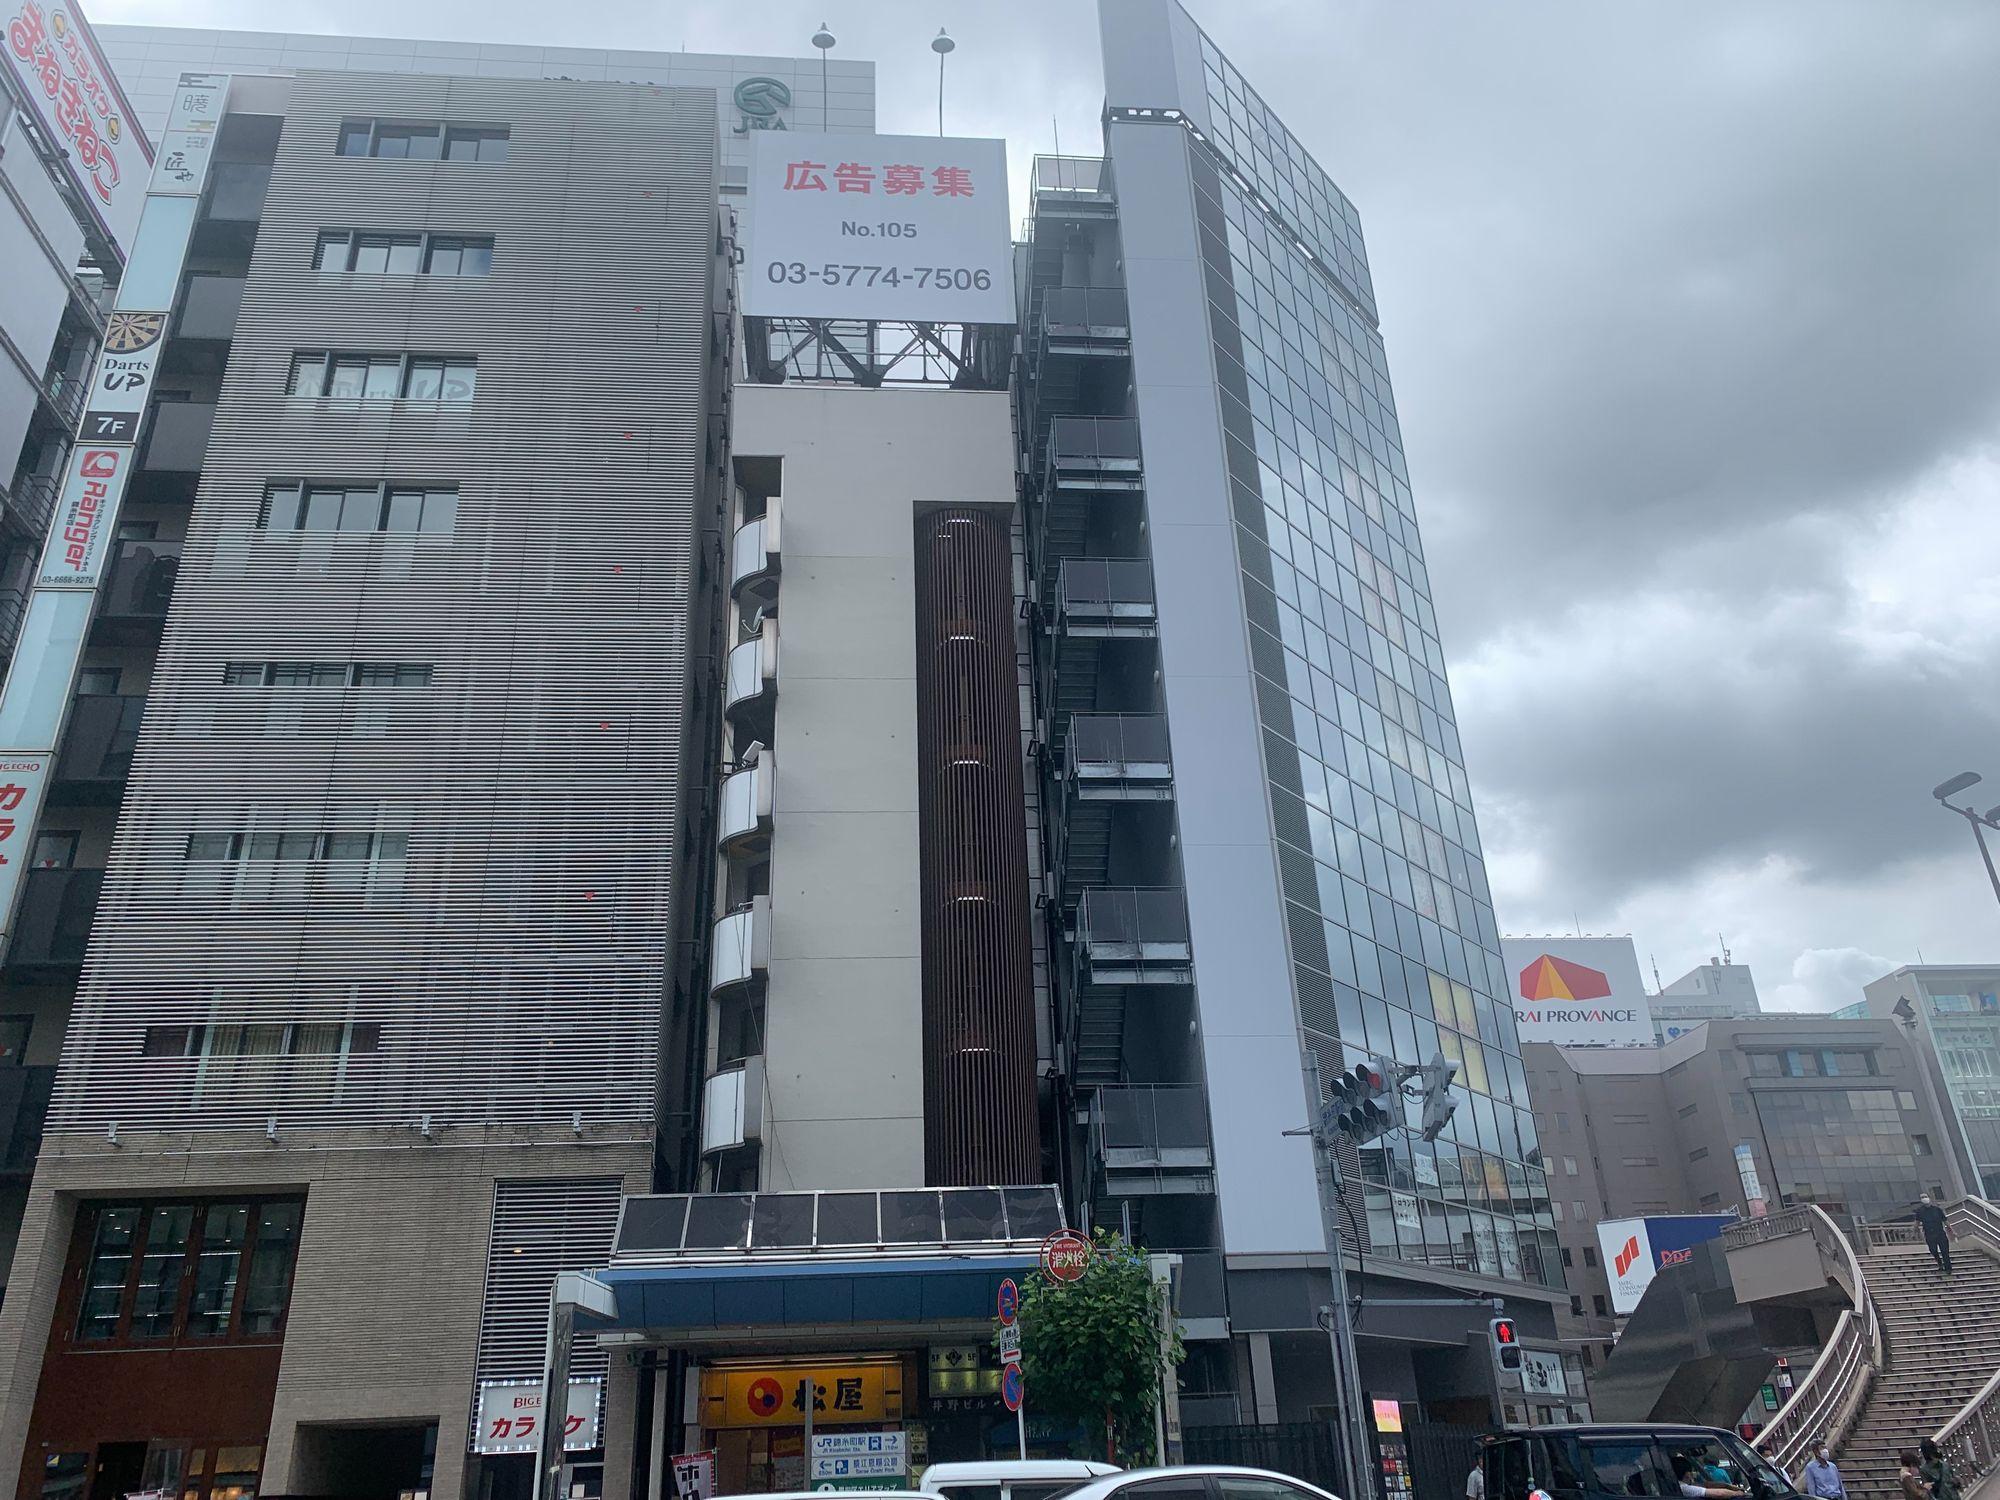 ロープアクセス|塗装工事|東京都墨田区|Iビル